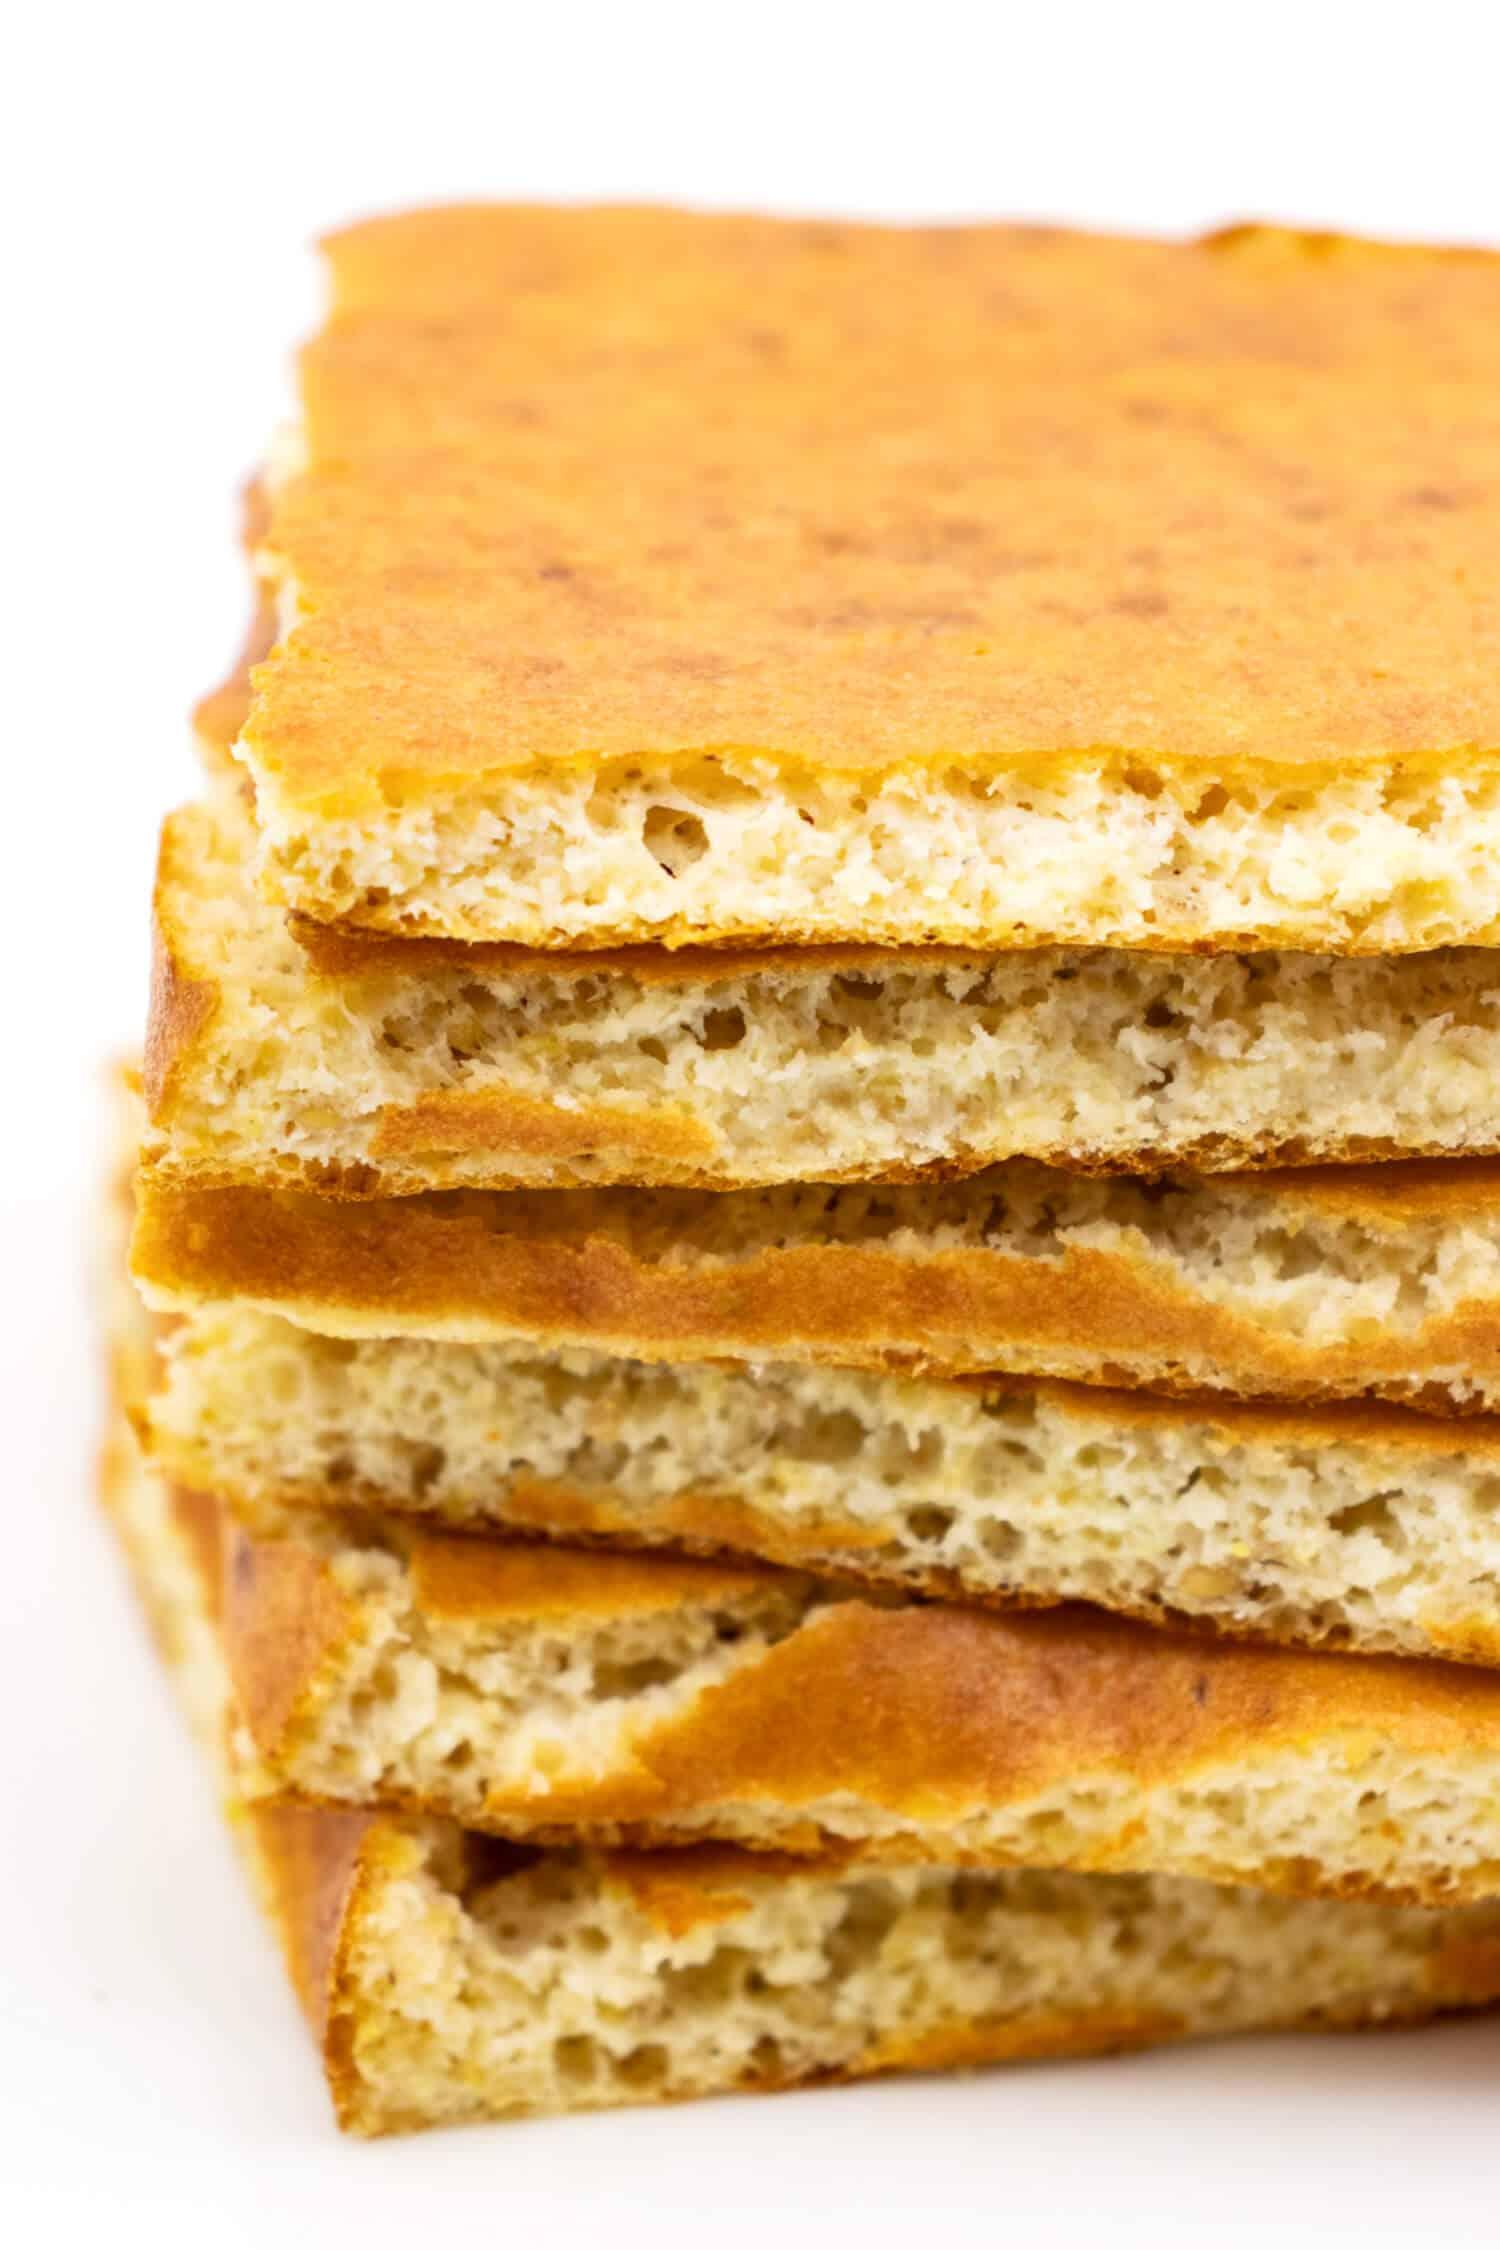 Glutenfreies Leinsamenbrot mit wenigen Zutaten